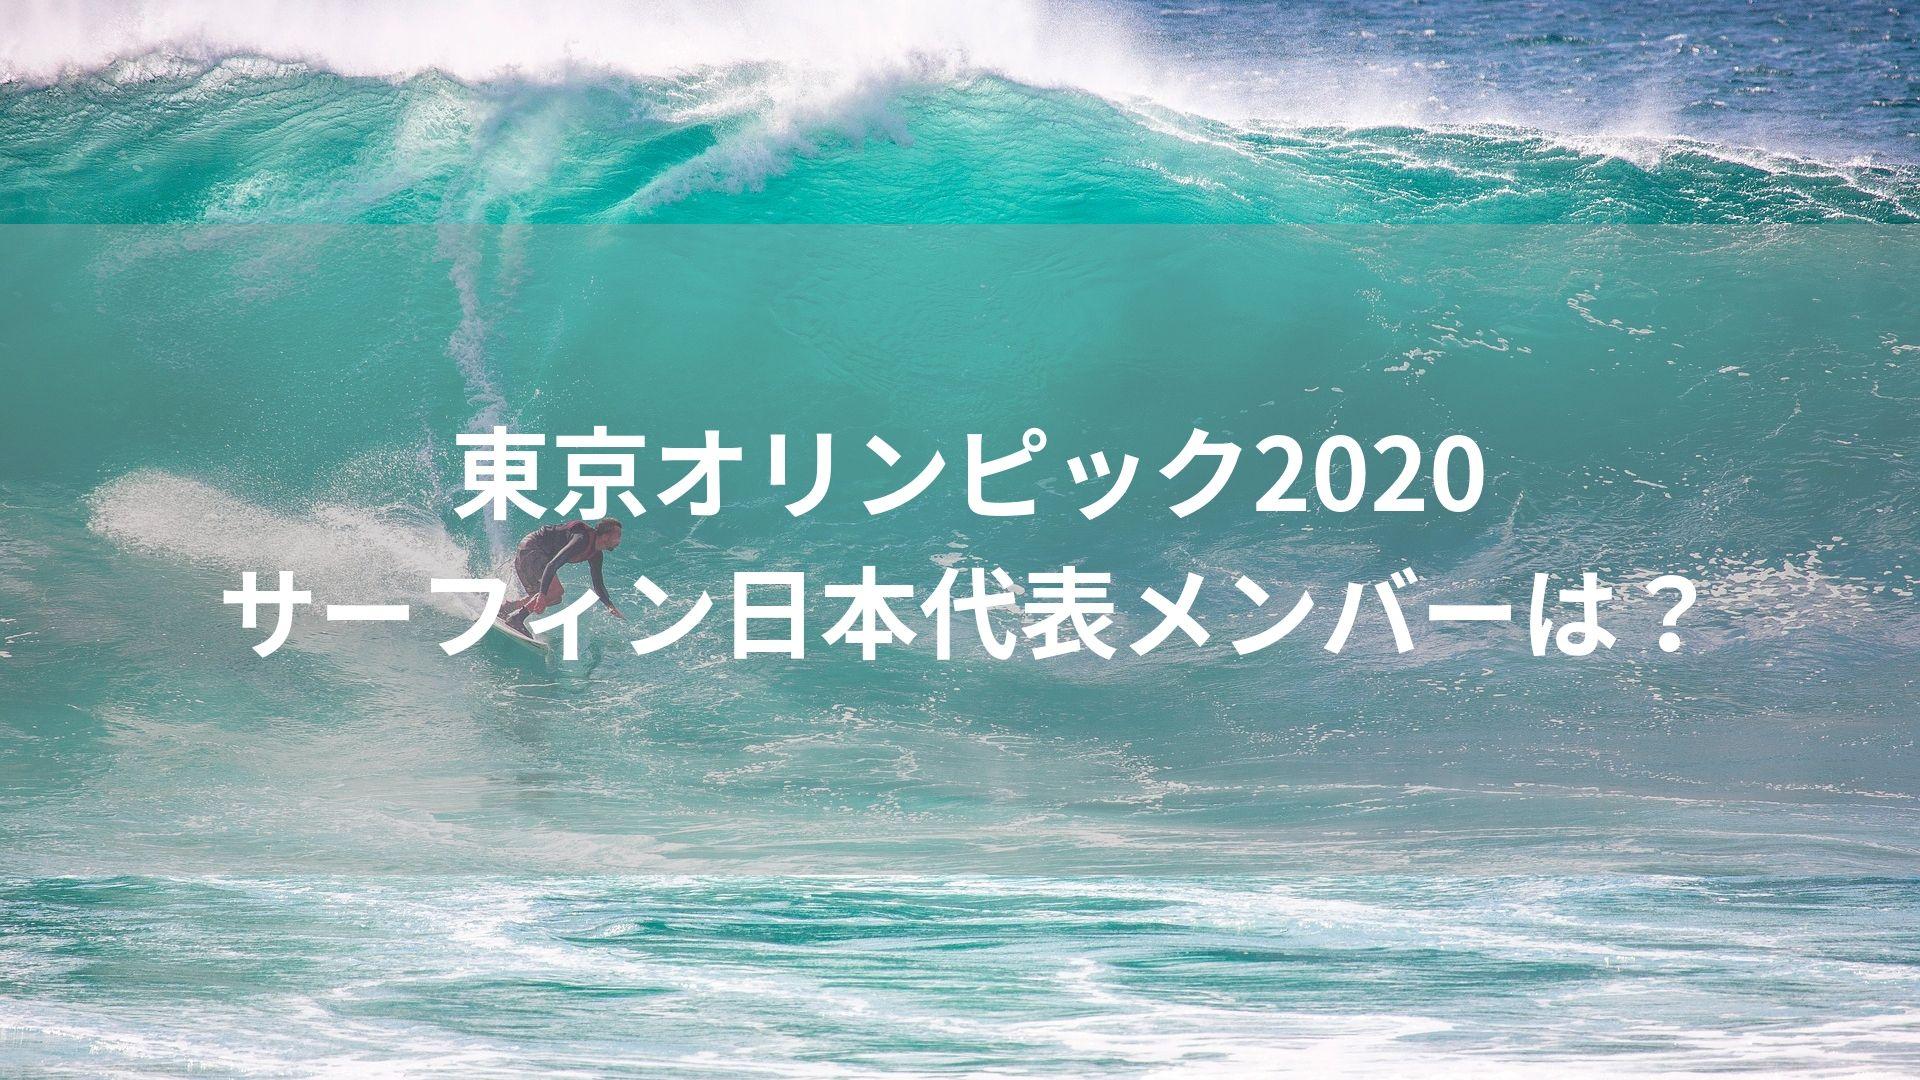 東京オリンピック2020サーフィン日本代表